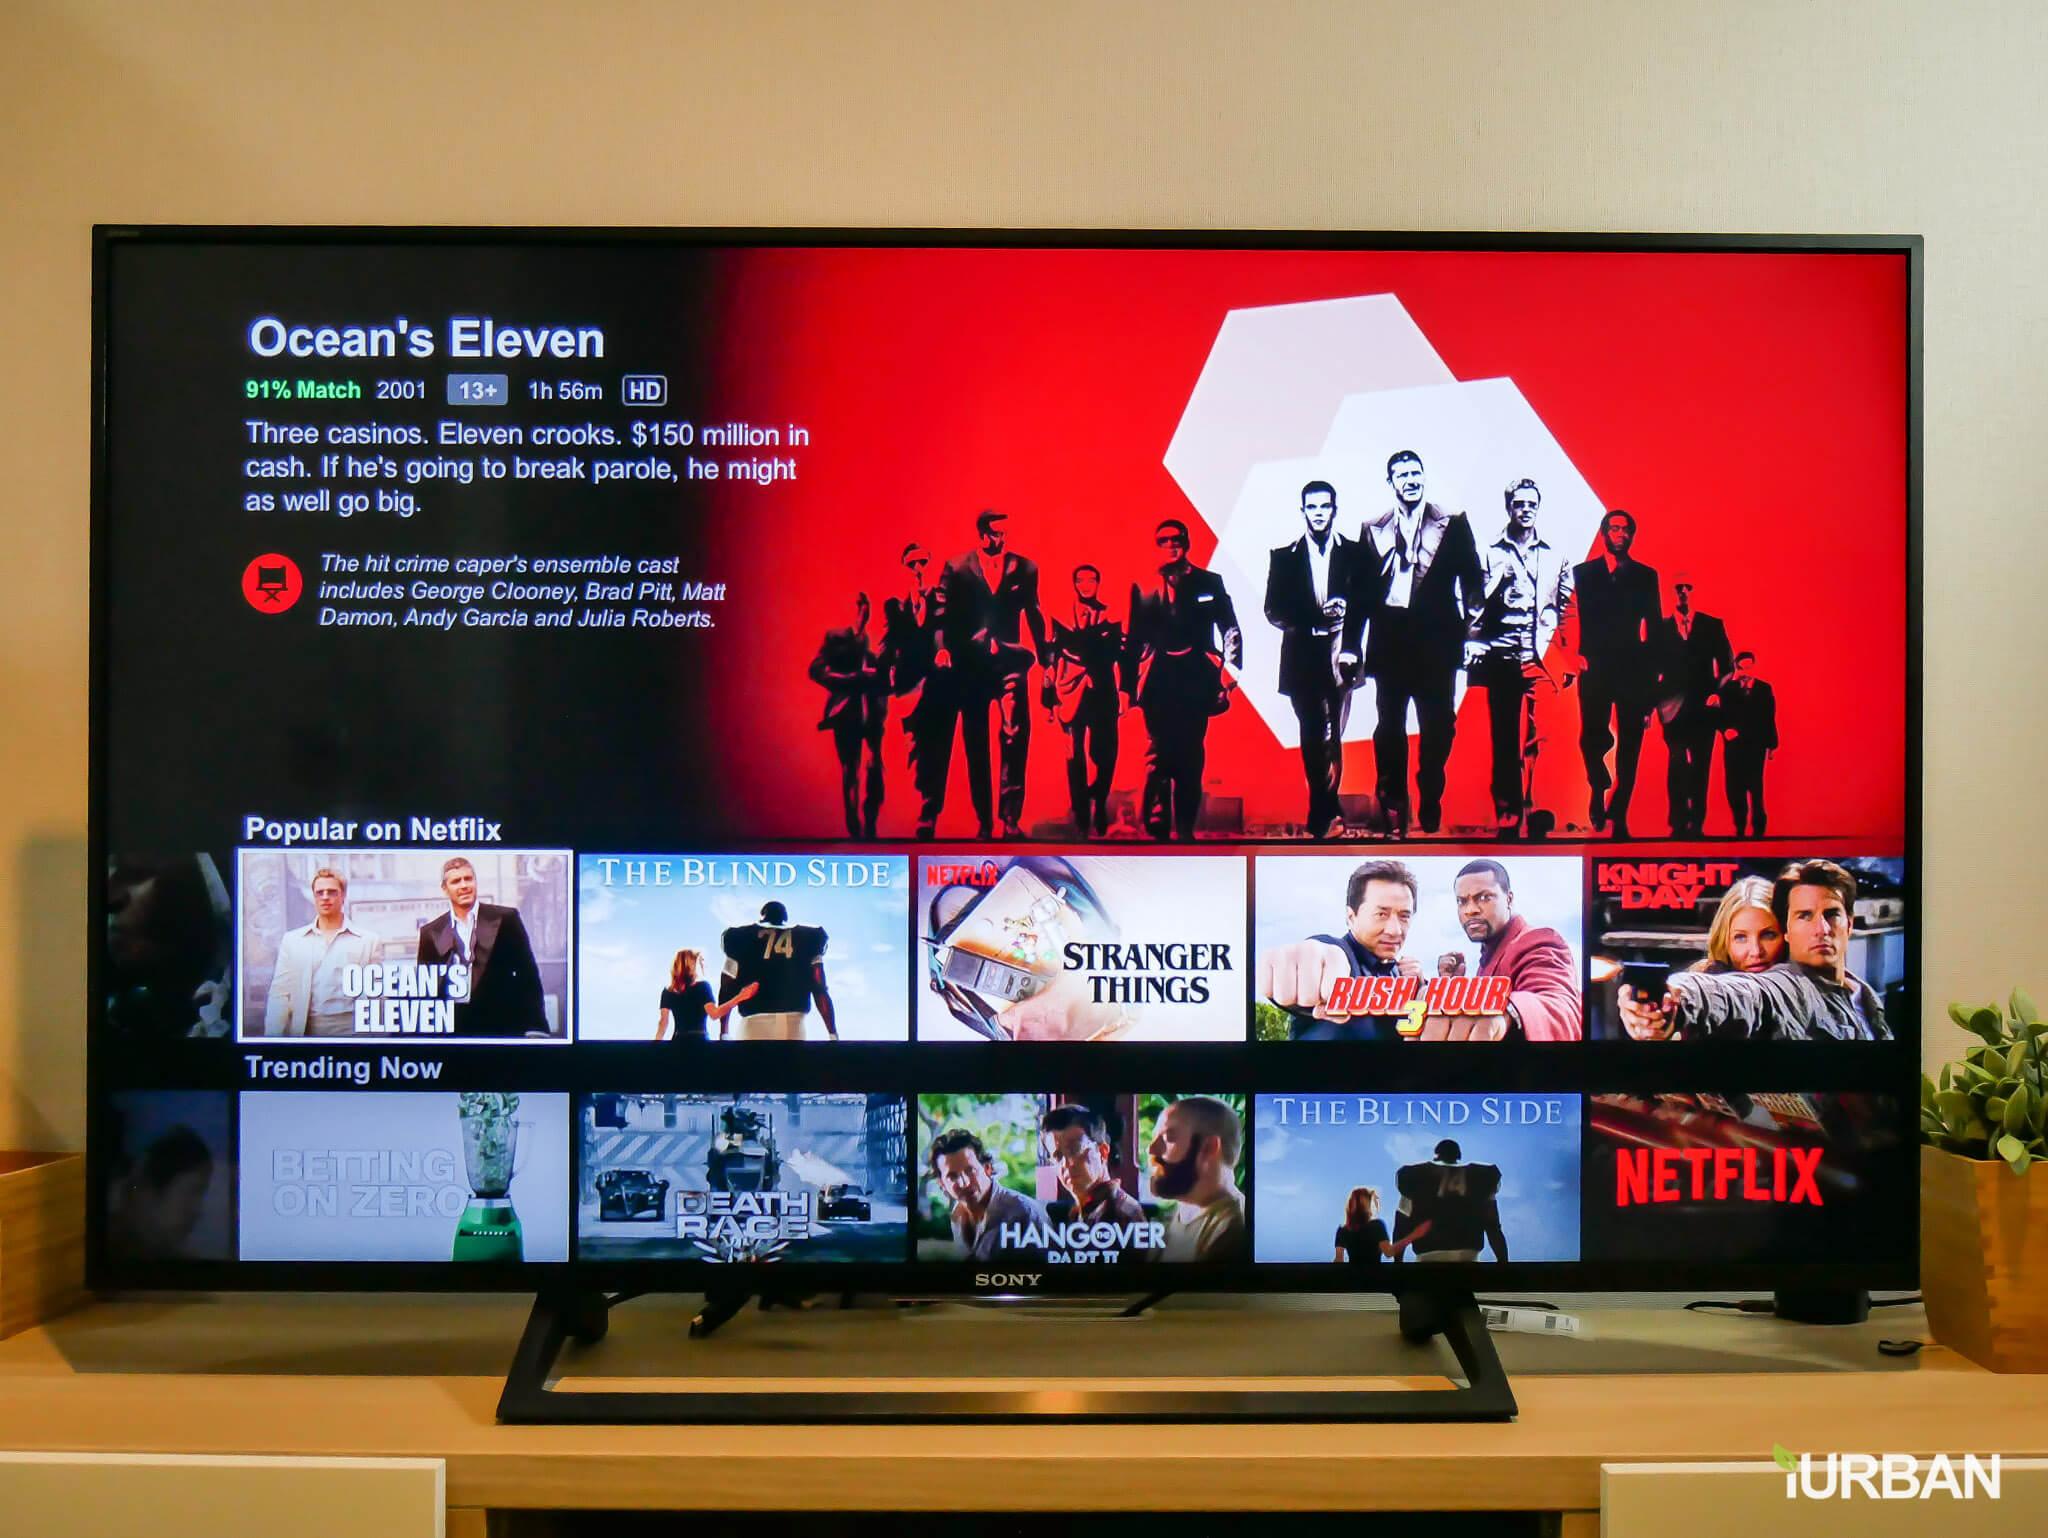 รีวิว SONY Android TV รุ่น X8000E งบ 26,990 แต่สเปค 4K HDR เชื่อมโลก Social กับทีวีอย่างสมบูรณ์แบบ 54 - Android